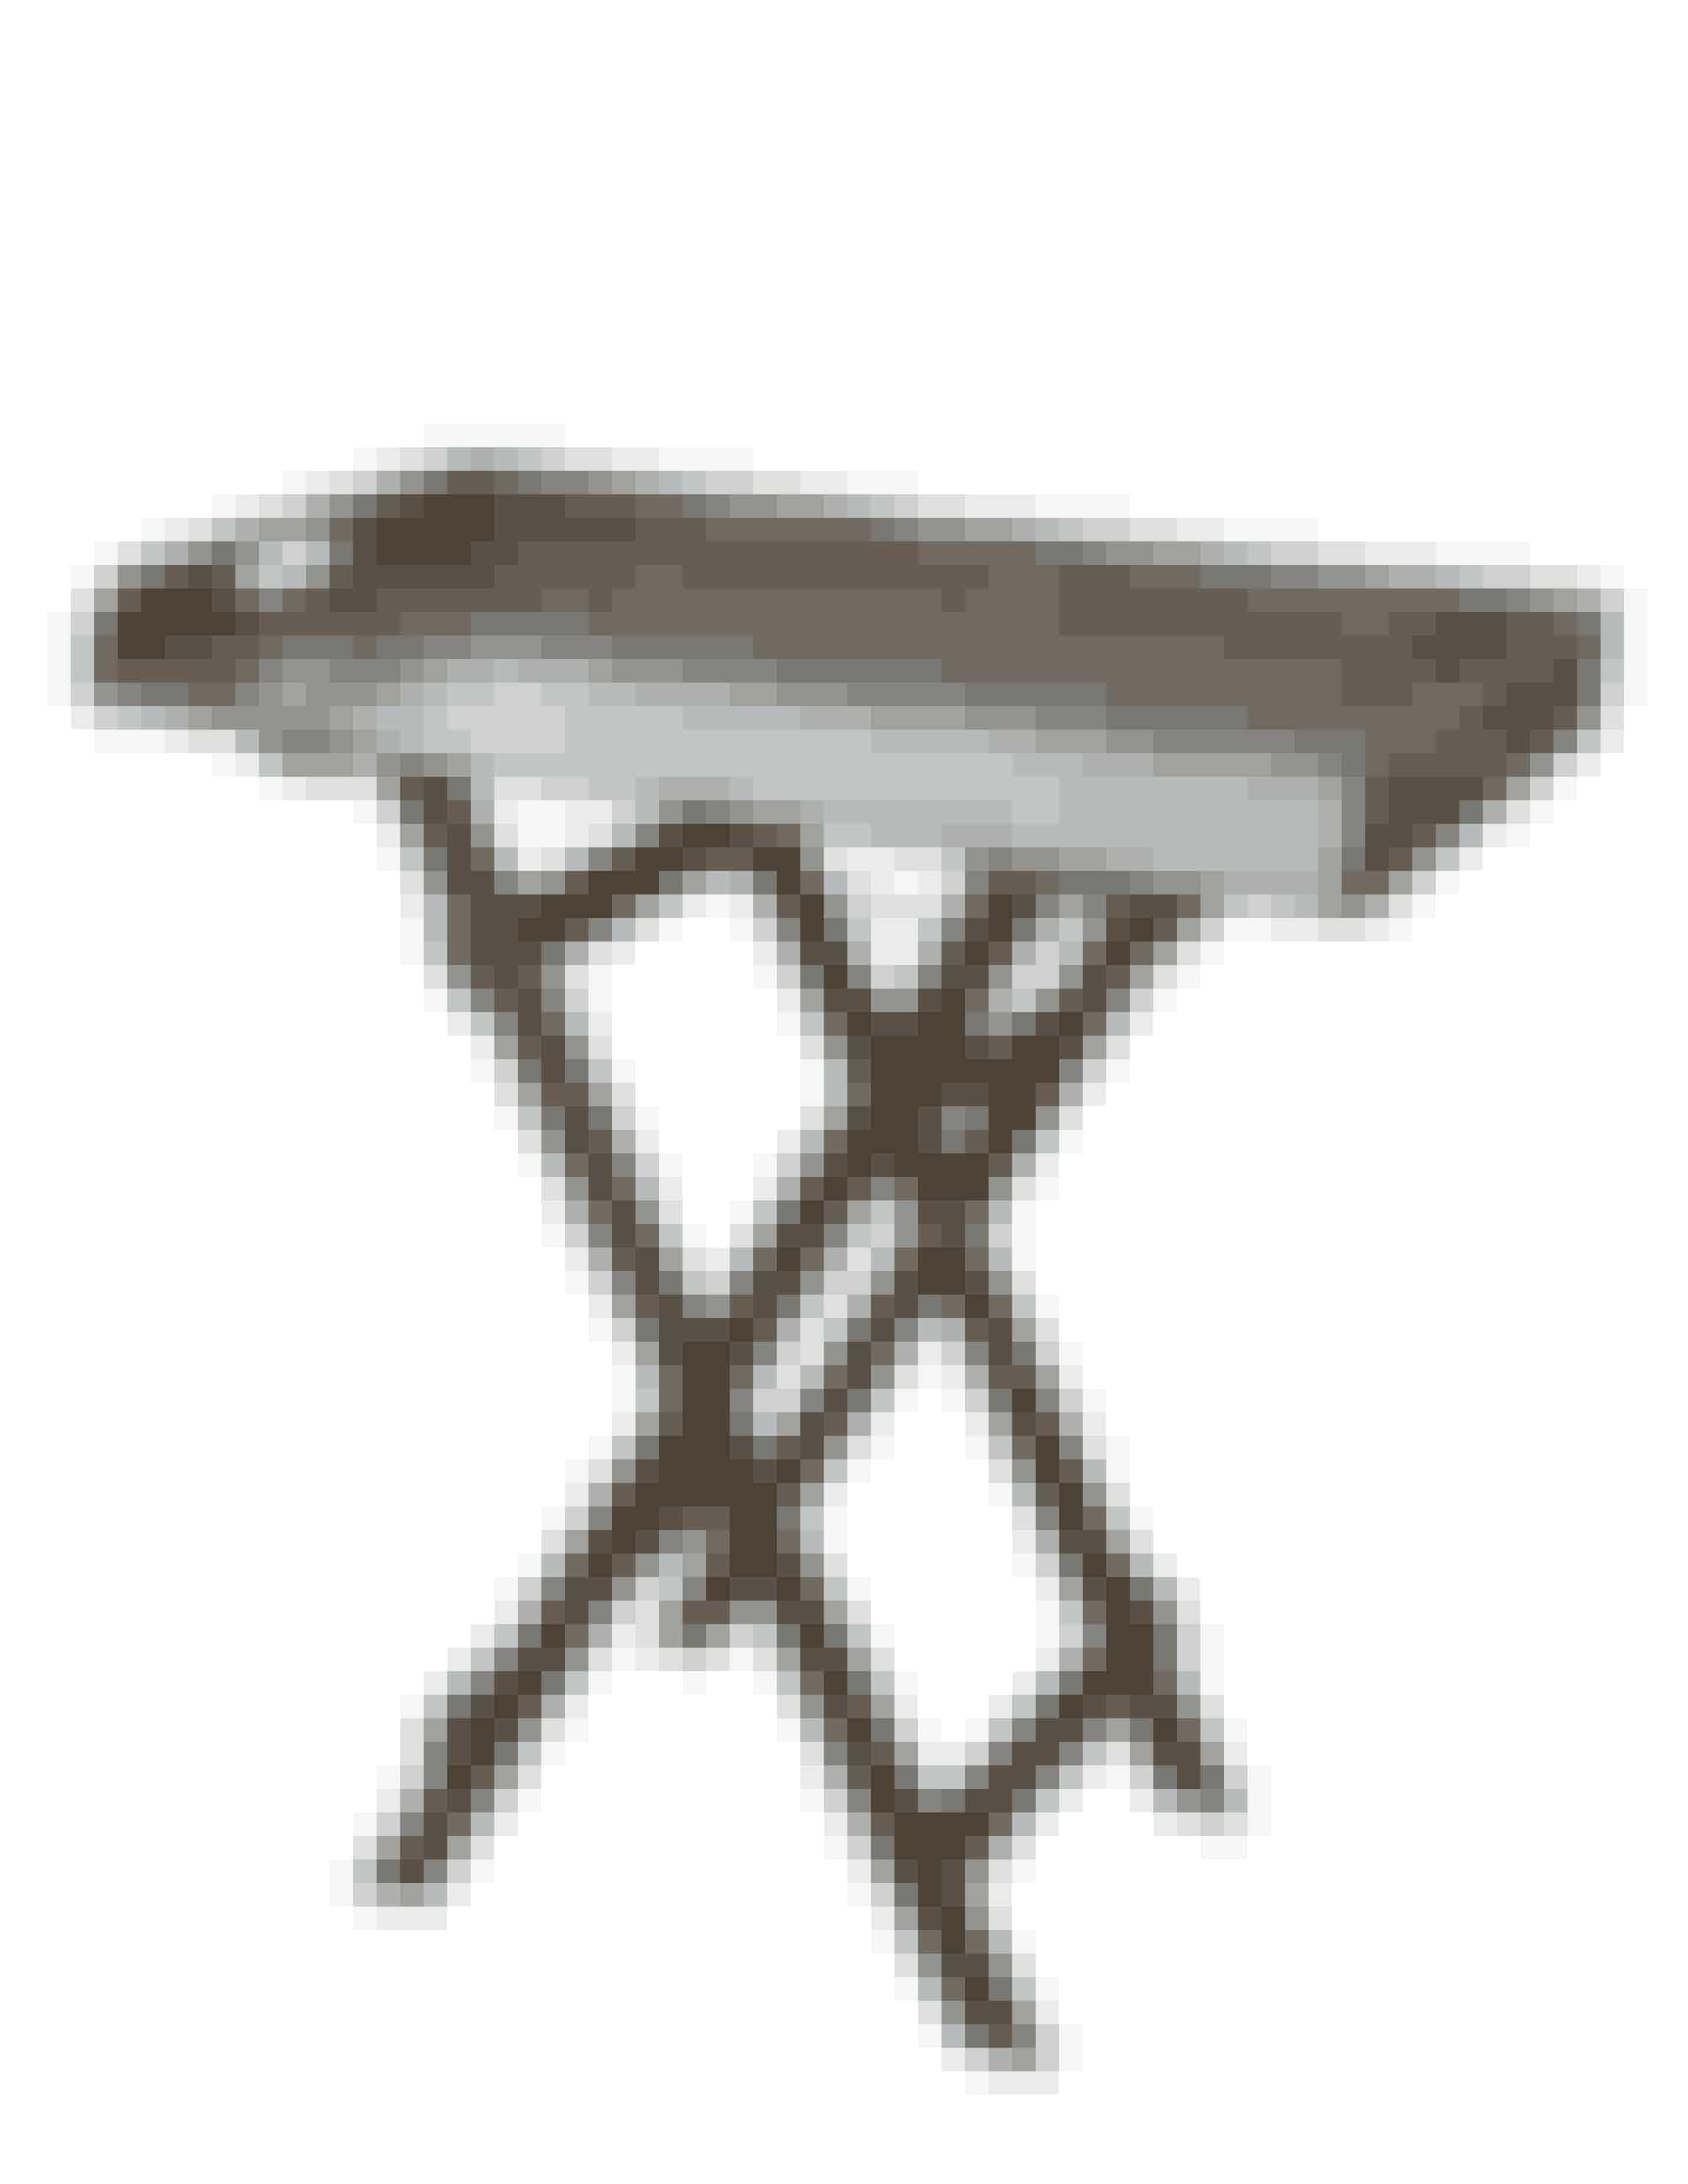 Flot bakkebord i træ med zinkplade som bund i bakken. Super flot med en masse små krukker tilplantet med krydderurter, blomster og andre detaljer.Pris: 499 kr.